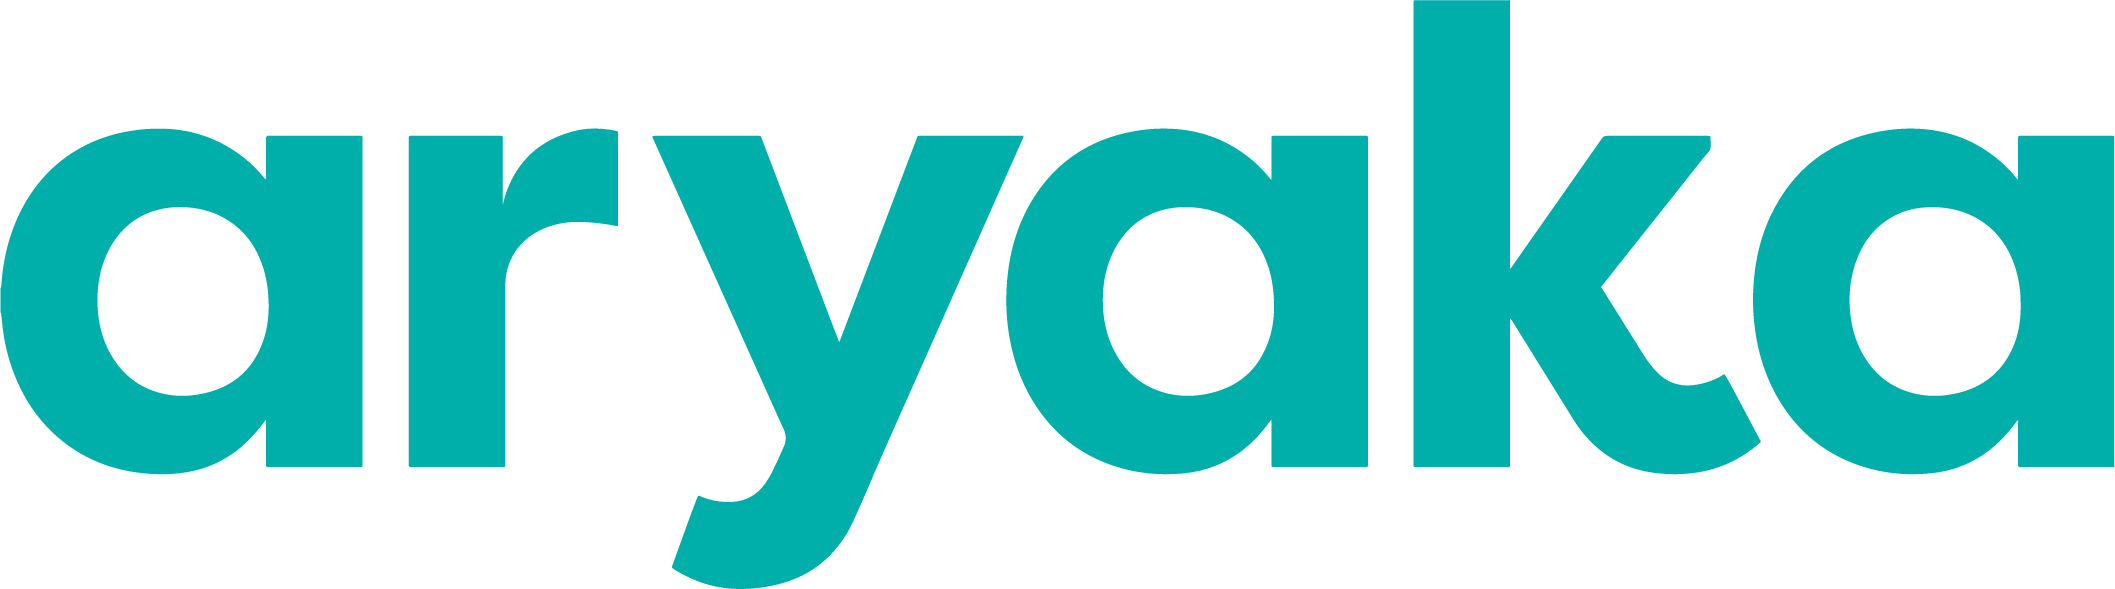 Aryaka Platform logo